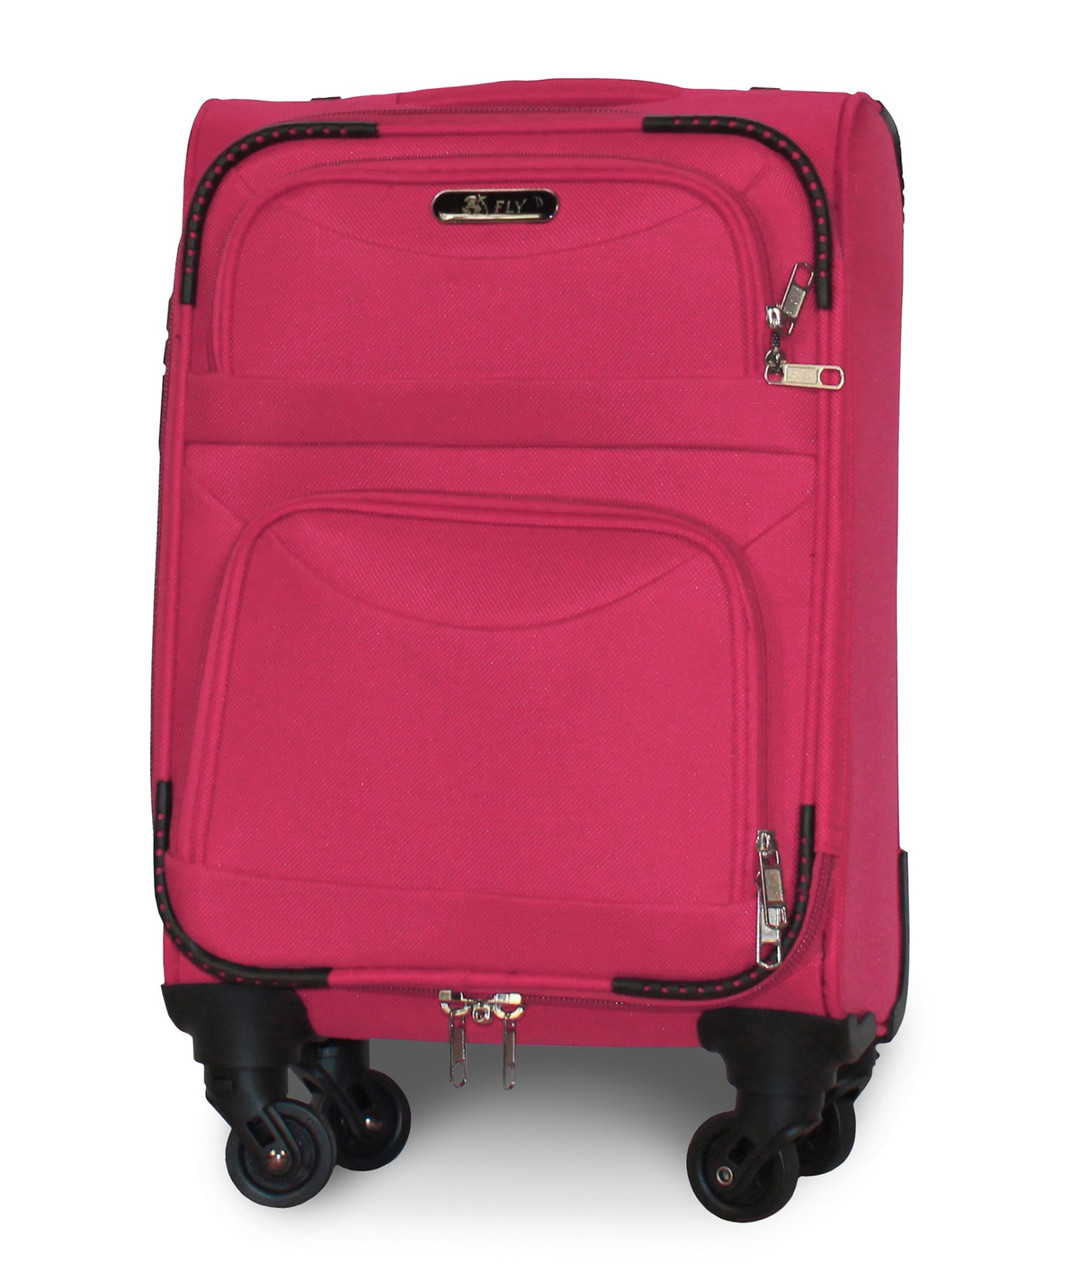 Чемодан Fly 6802 мини 46х32х20 см Ручная кладь на 4 колесах Розовый